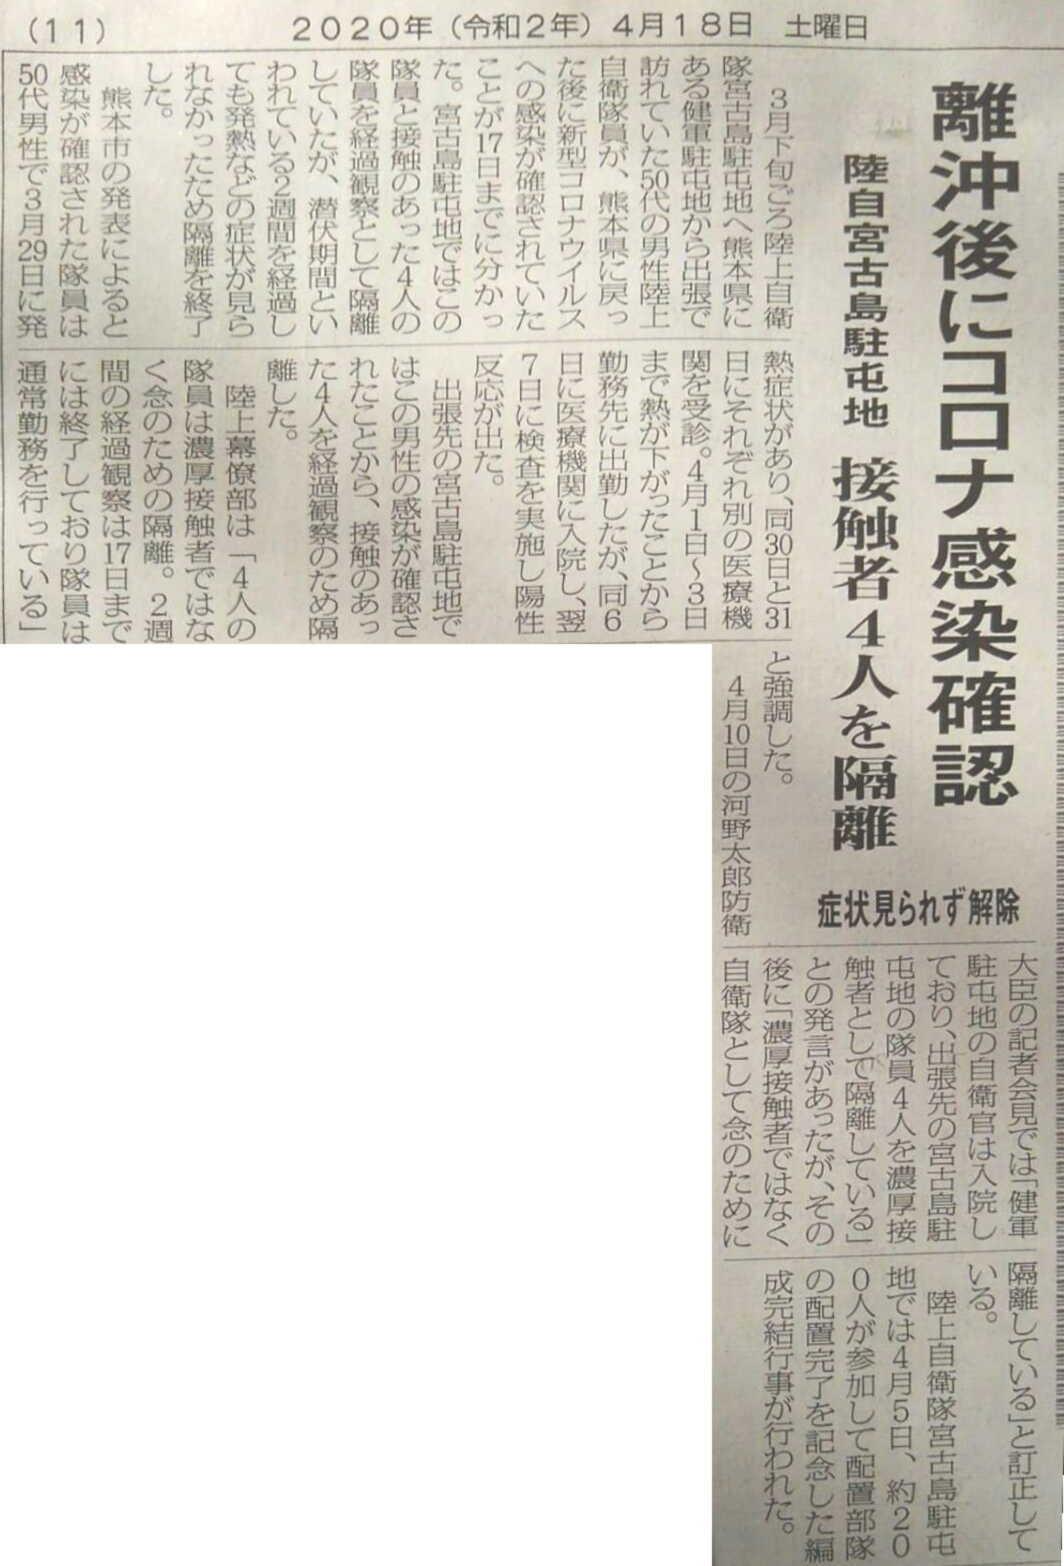 miyakomainichi2020 04181